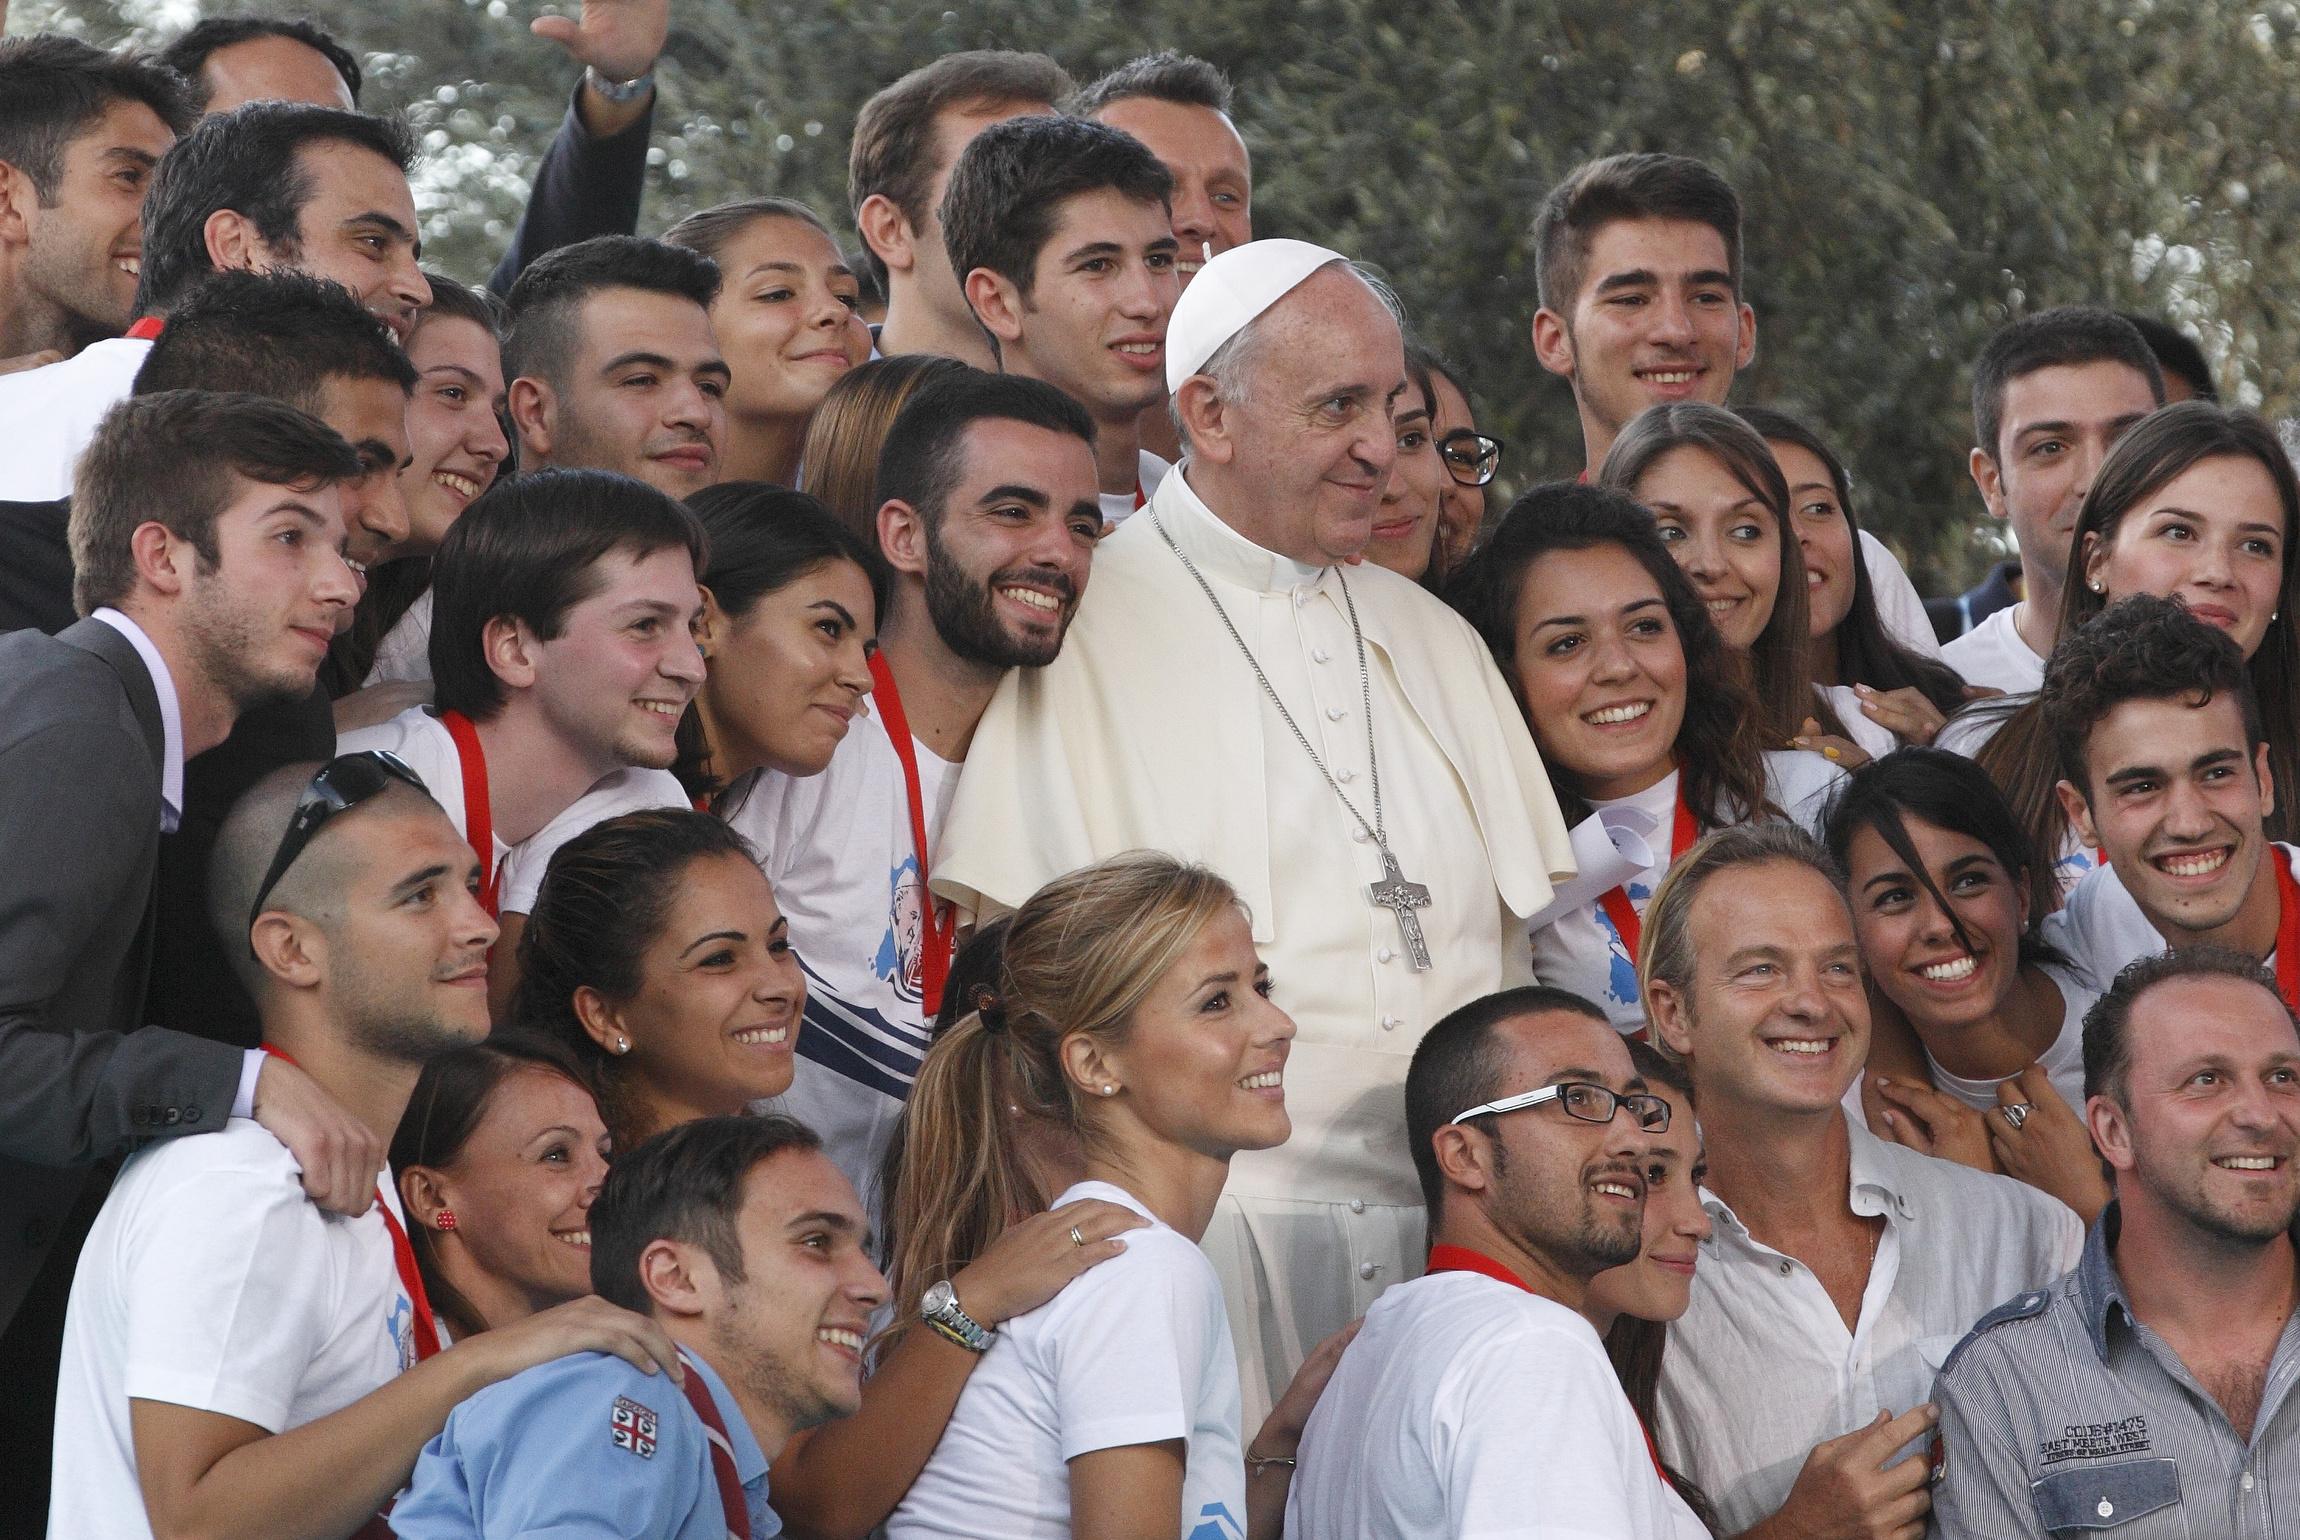 Em Roma: Encontro pré-sinodal para os jovens, em março de 2018